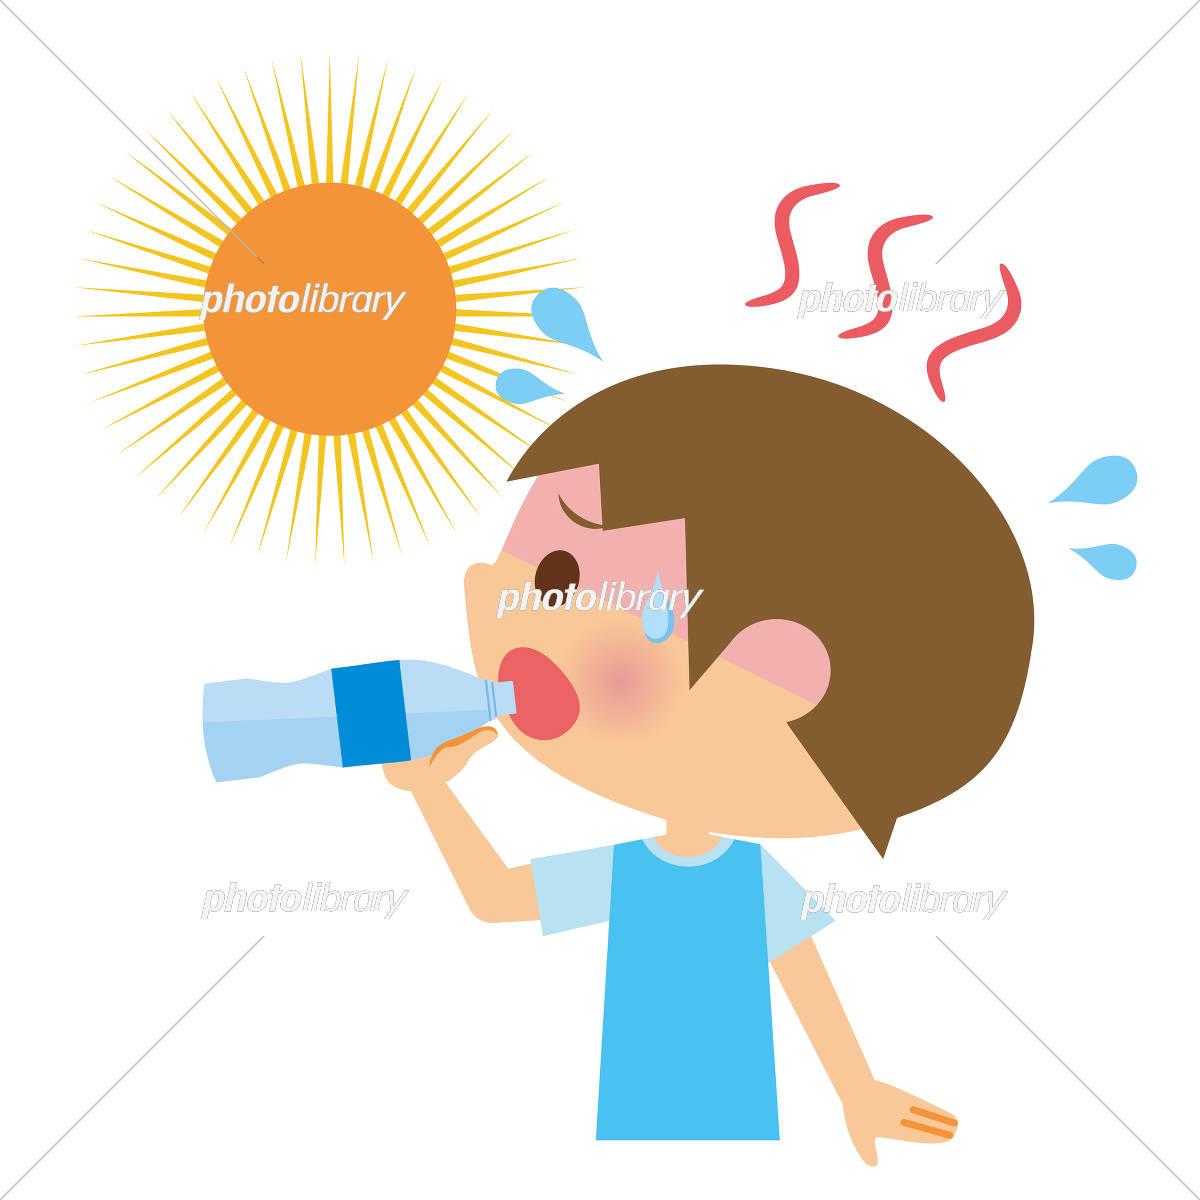 熱中症 水分補給 子供 イラスト素材 [ 5151650 ] - フォトライブラリー